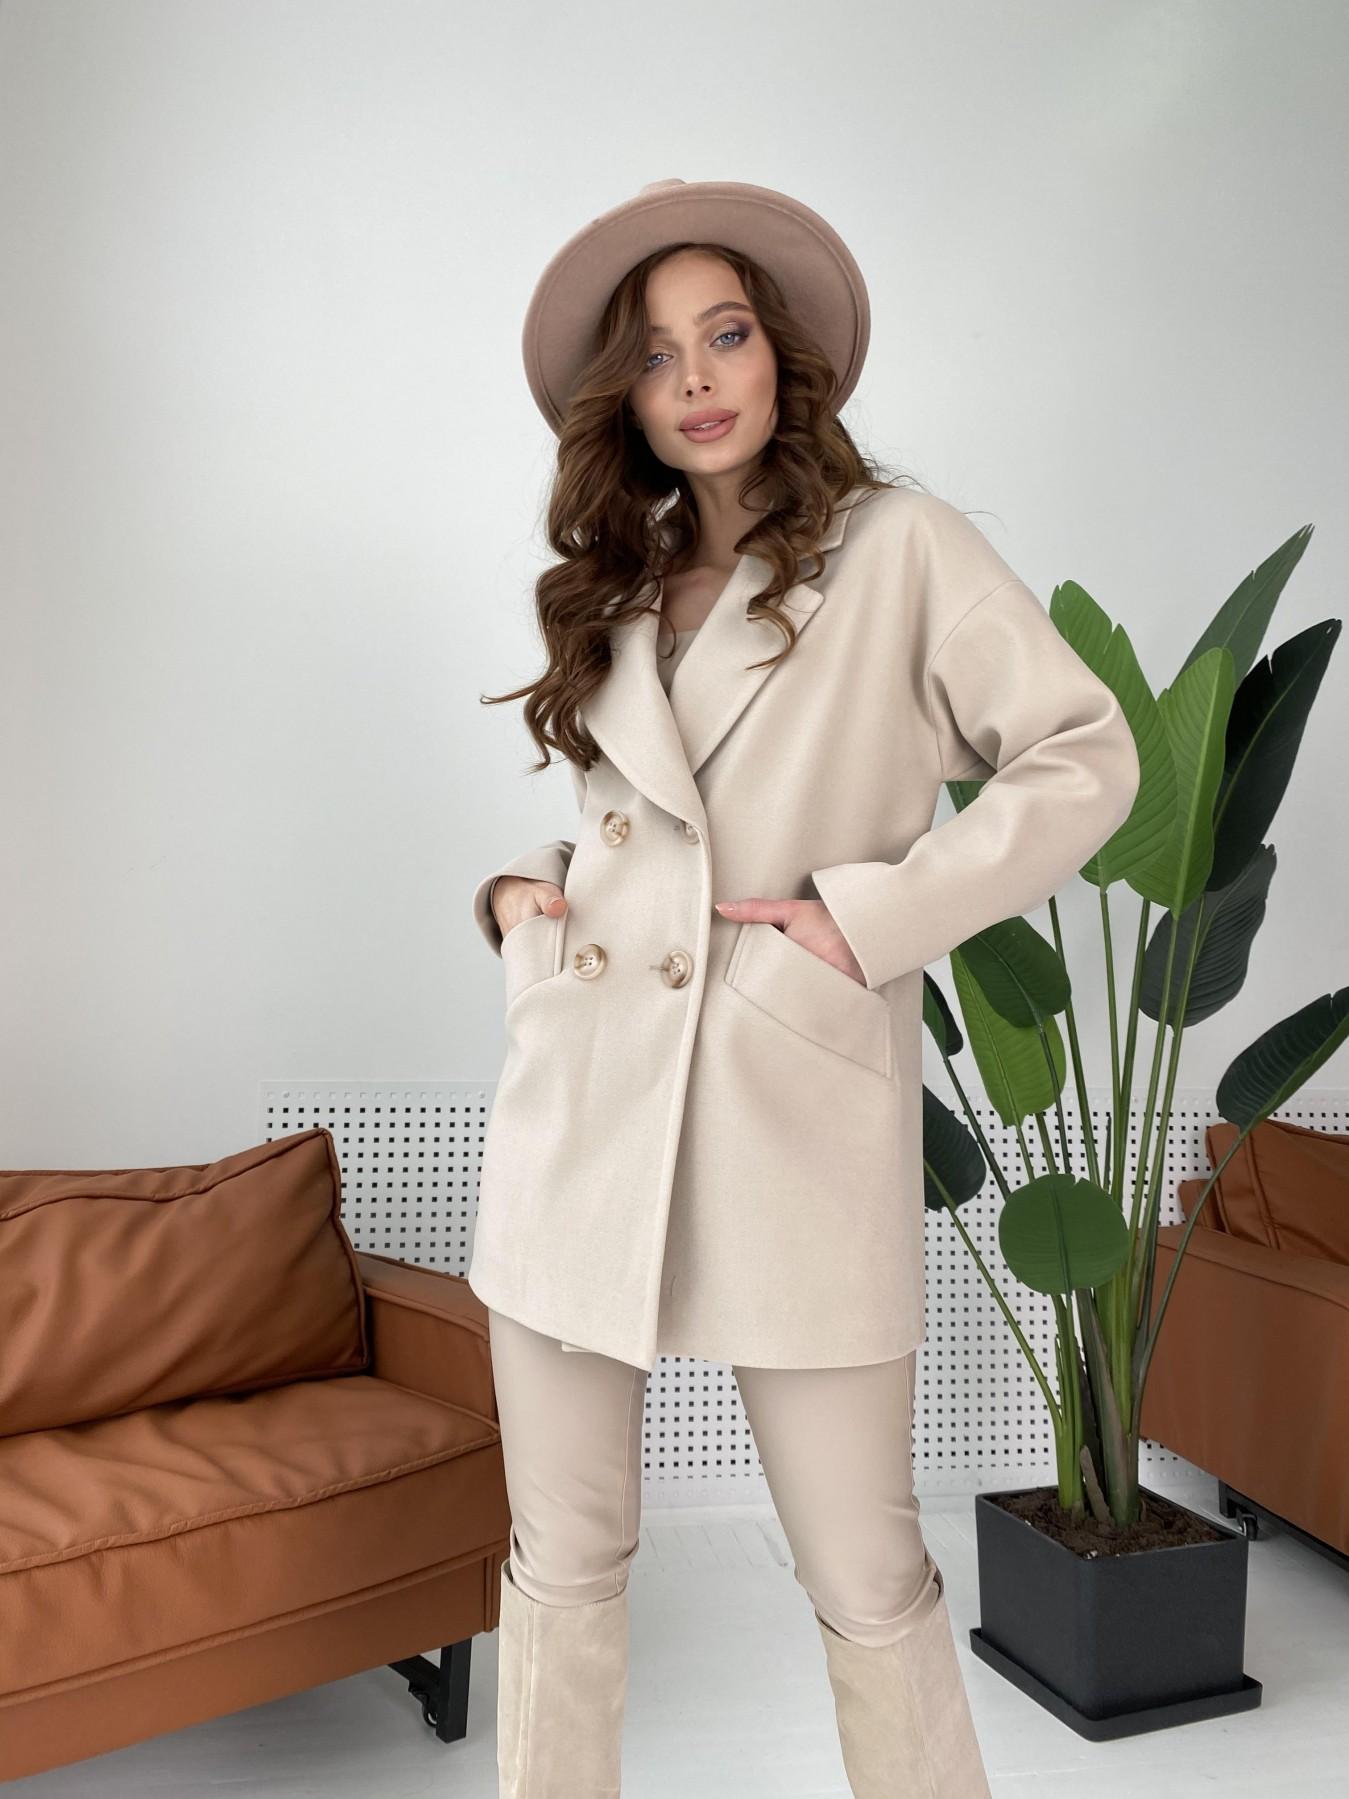 Бонд пальто из кашемира  10571 АРТ. 46992 Цвет: Бежевый Светлый - фото 1, интернет магазин tm-modus.ru